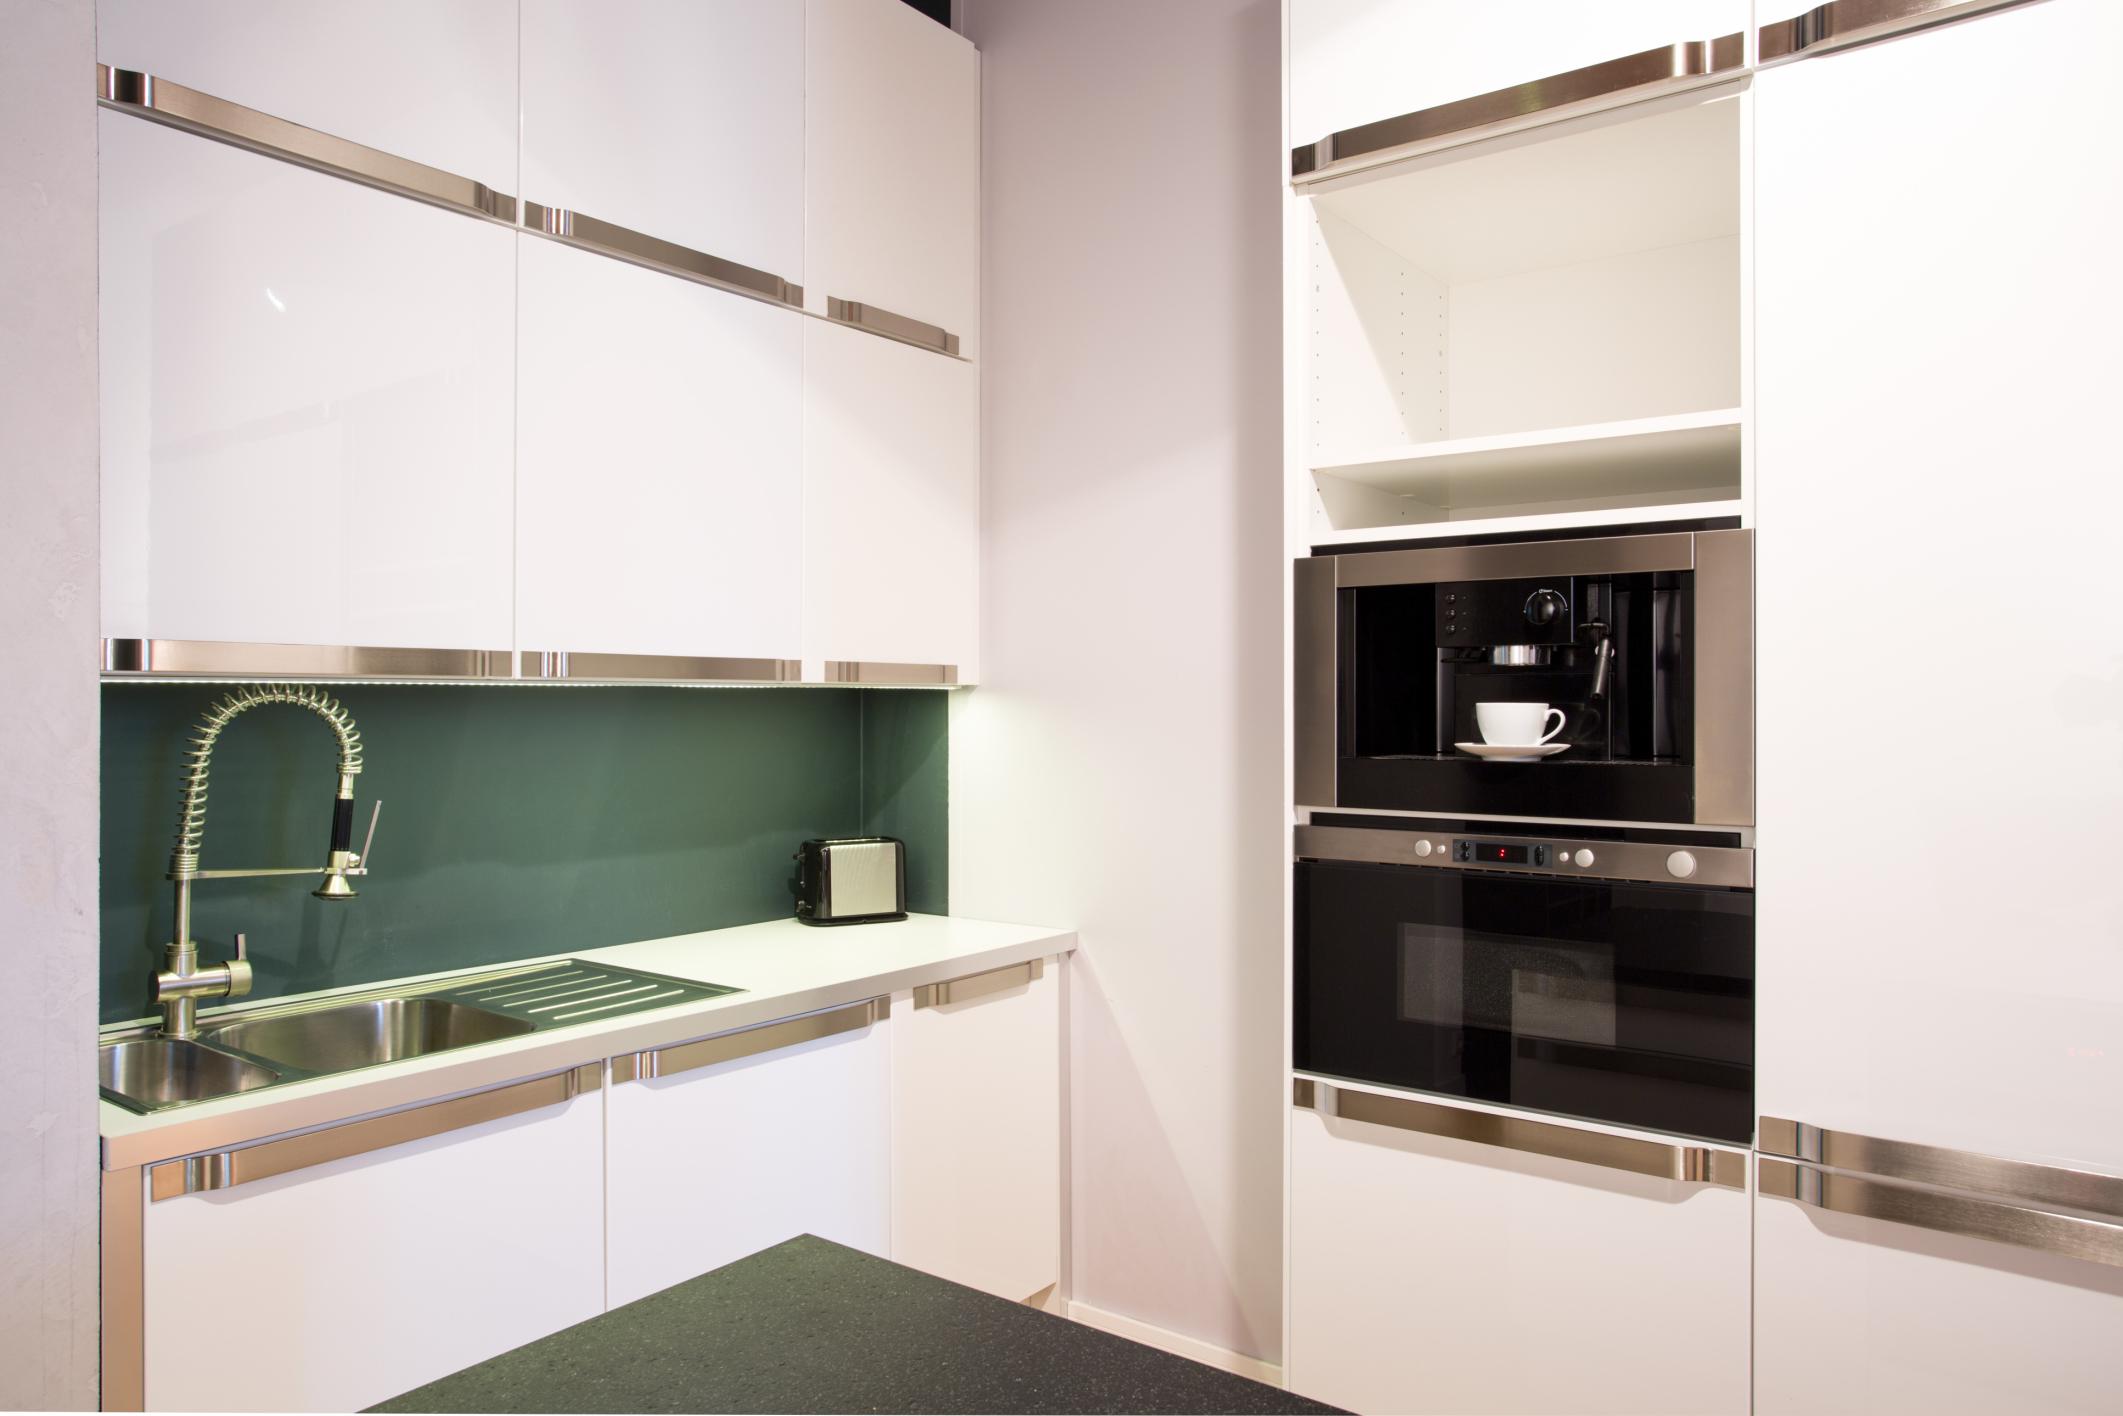 Artikelgebend sind Tipps für die neue Küche.